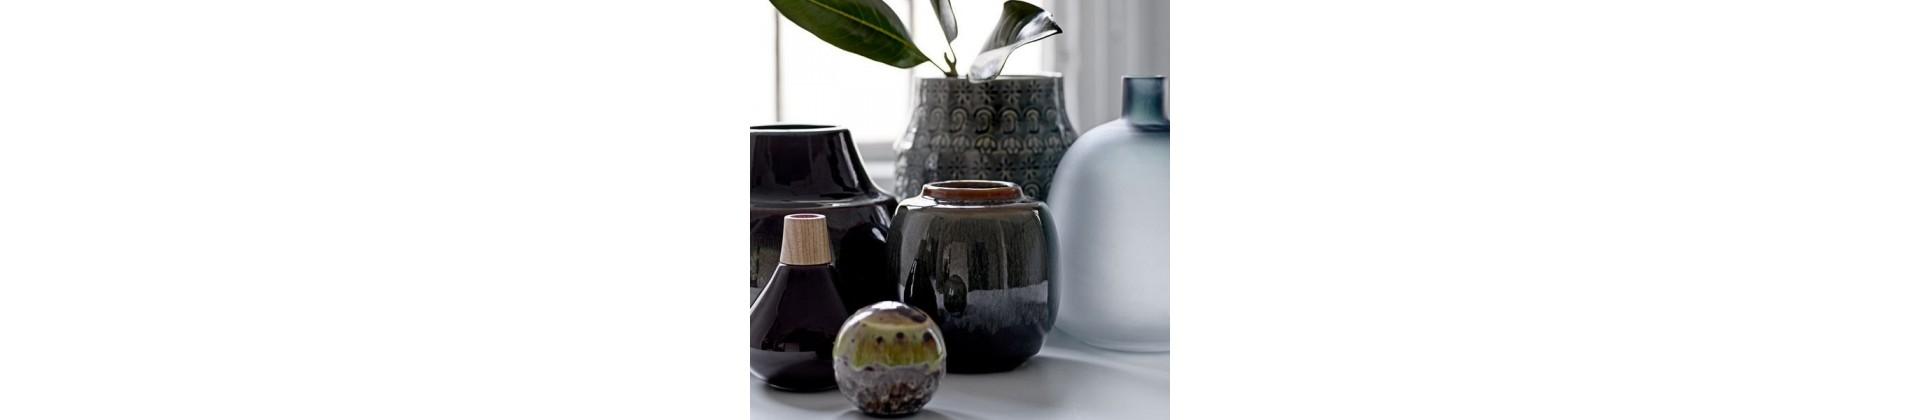 Objet déco: jolie déco design et insolite pour la maison